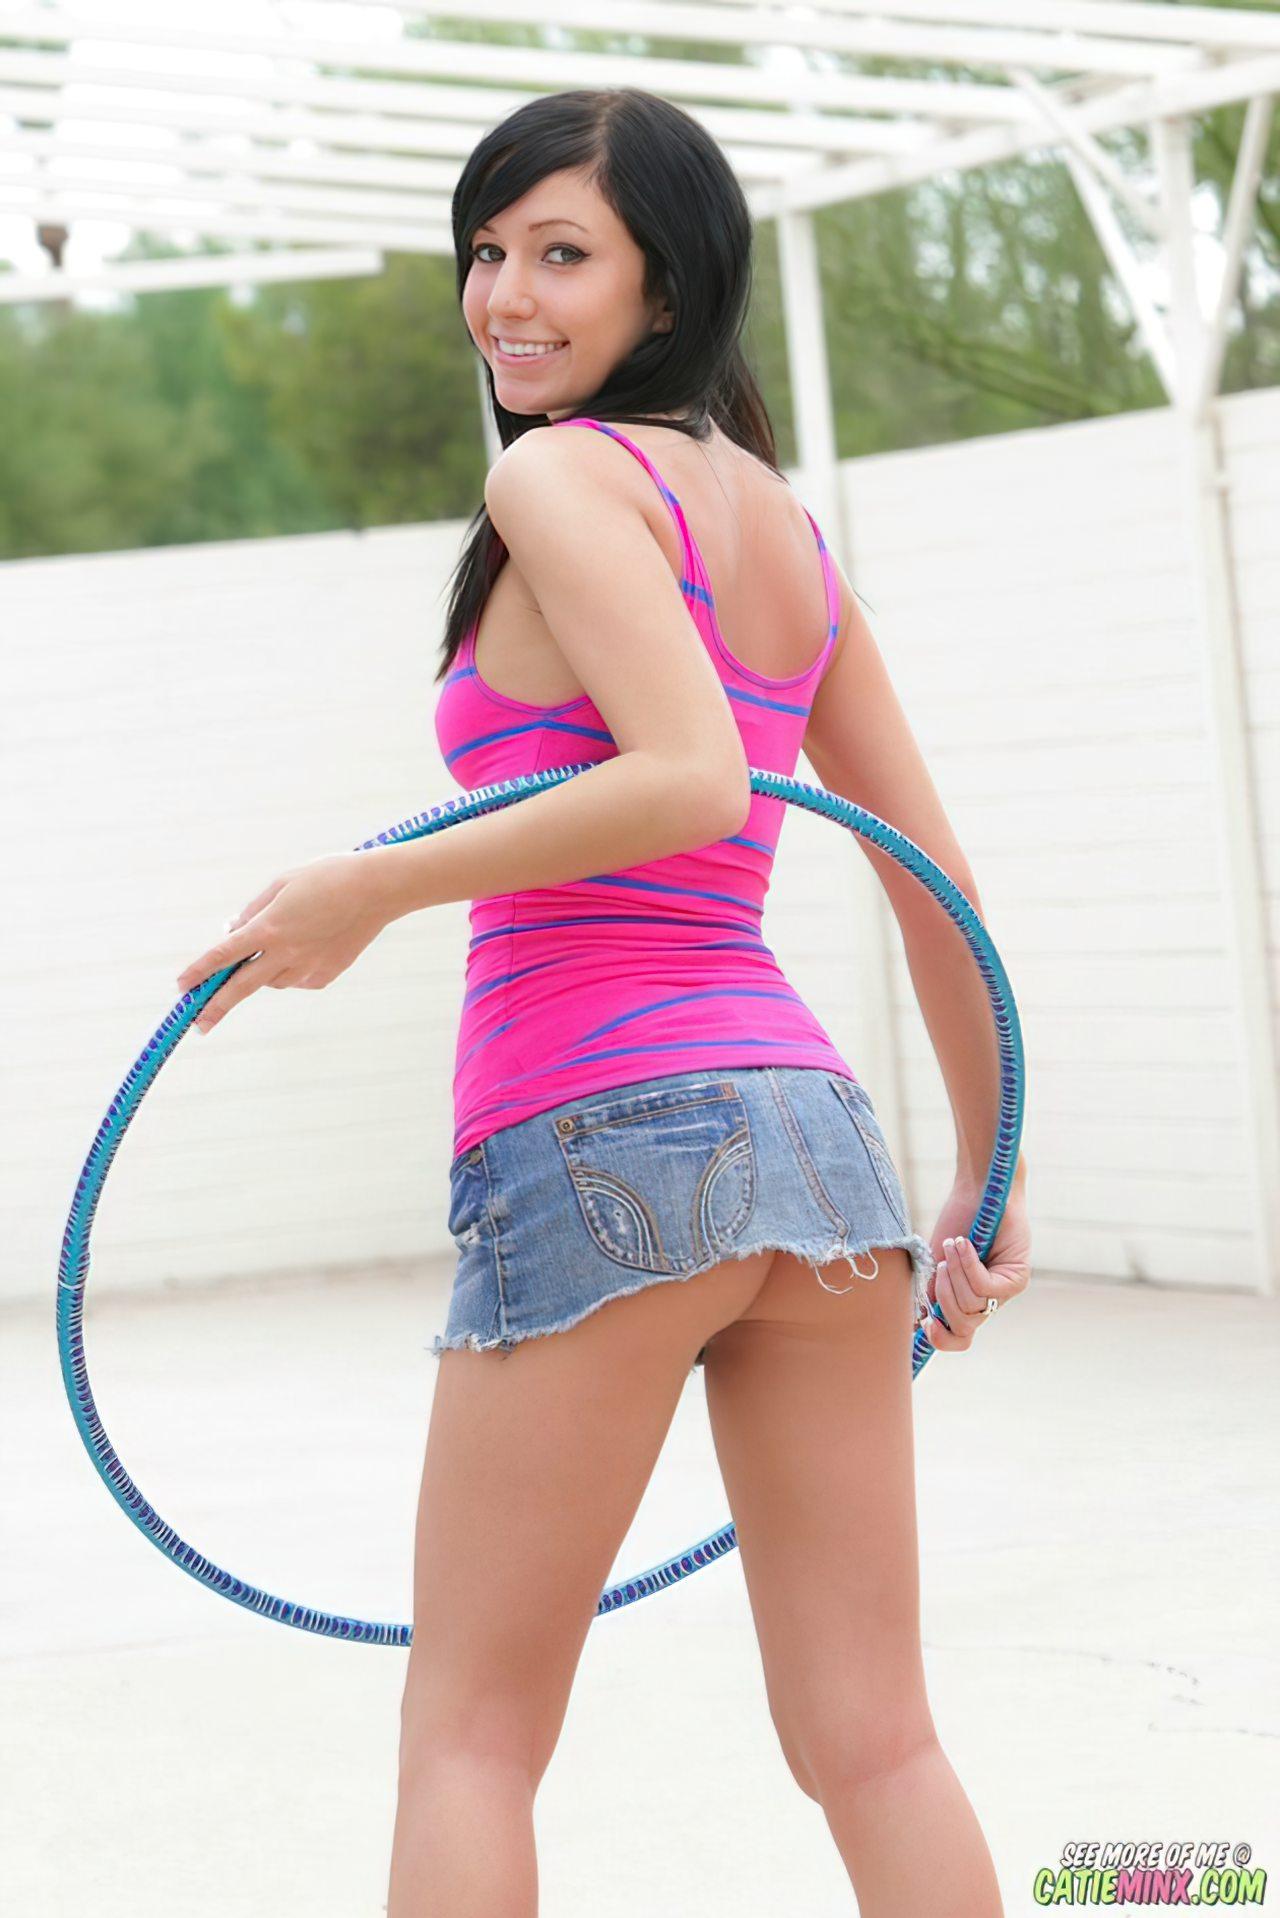 Catie Minx (2)